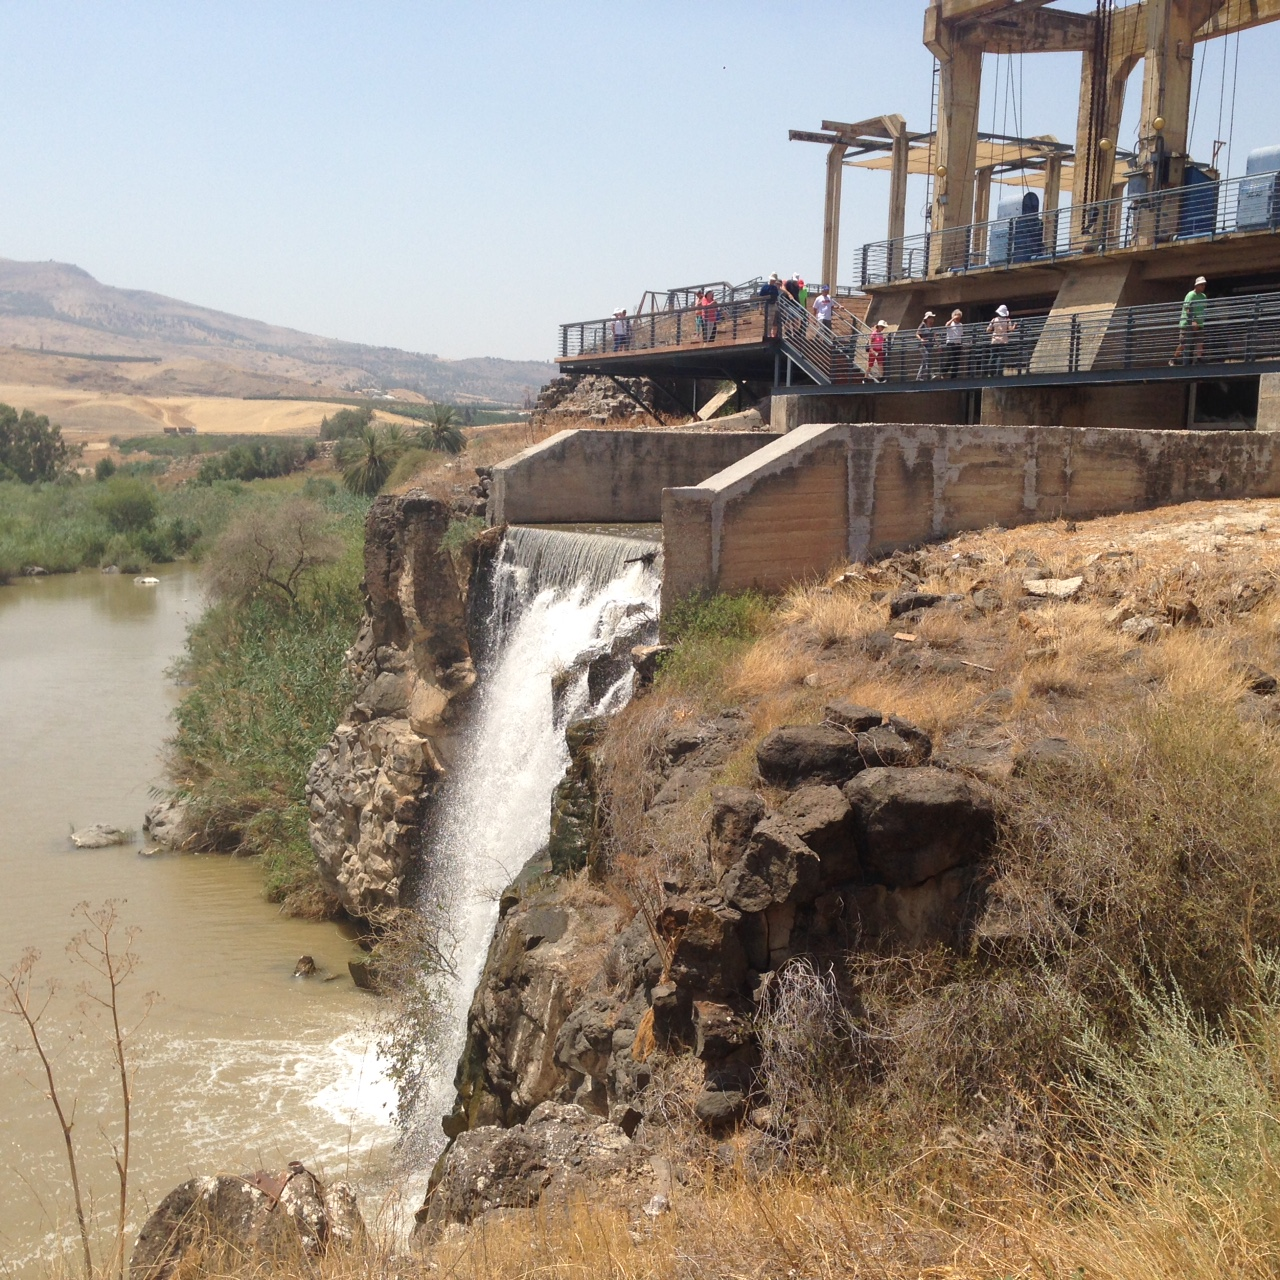 Naharayim Overflow Dam Waterfall